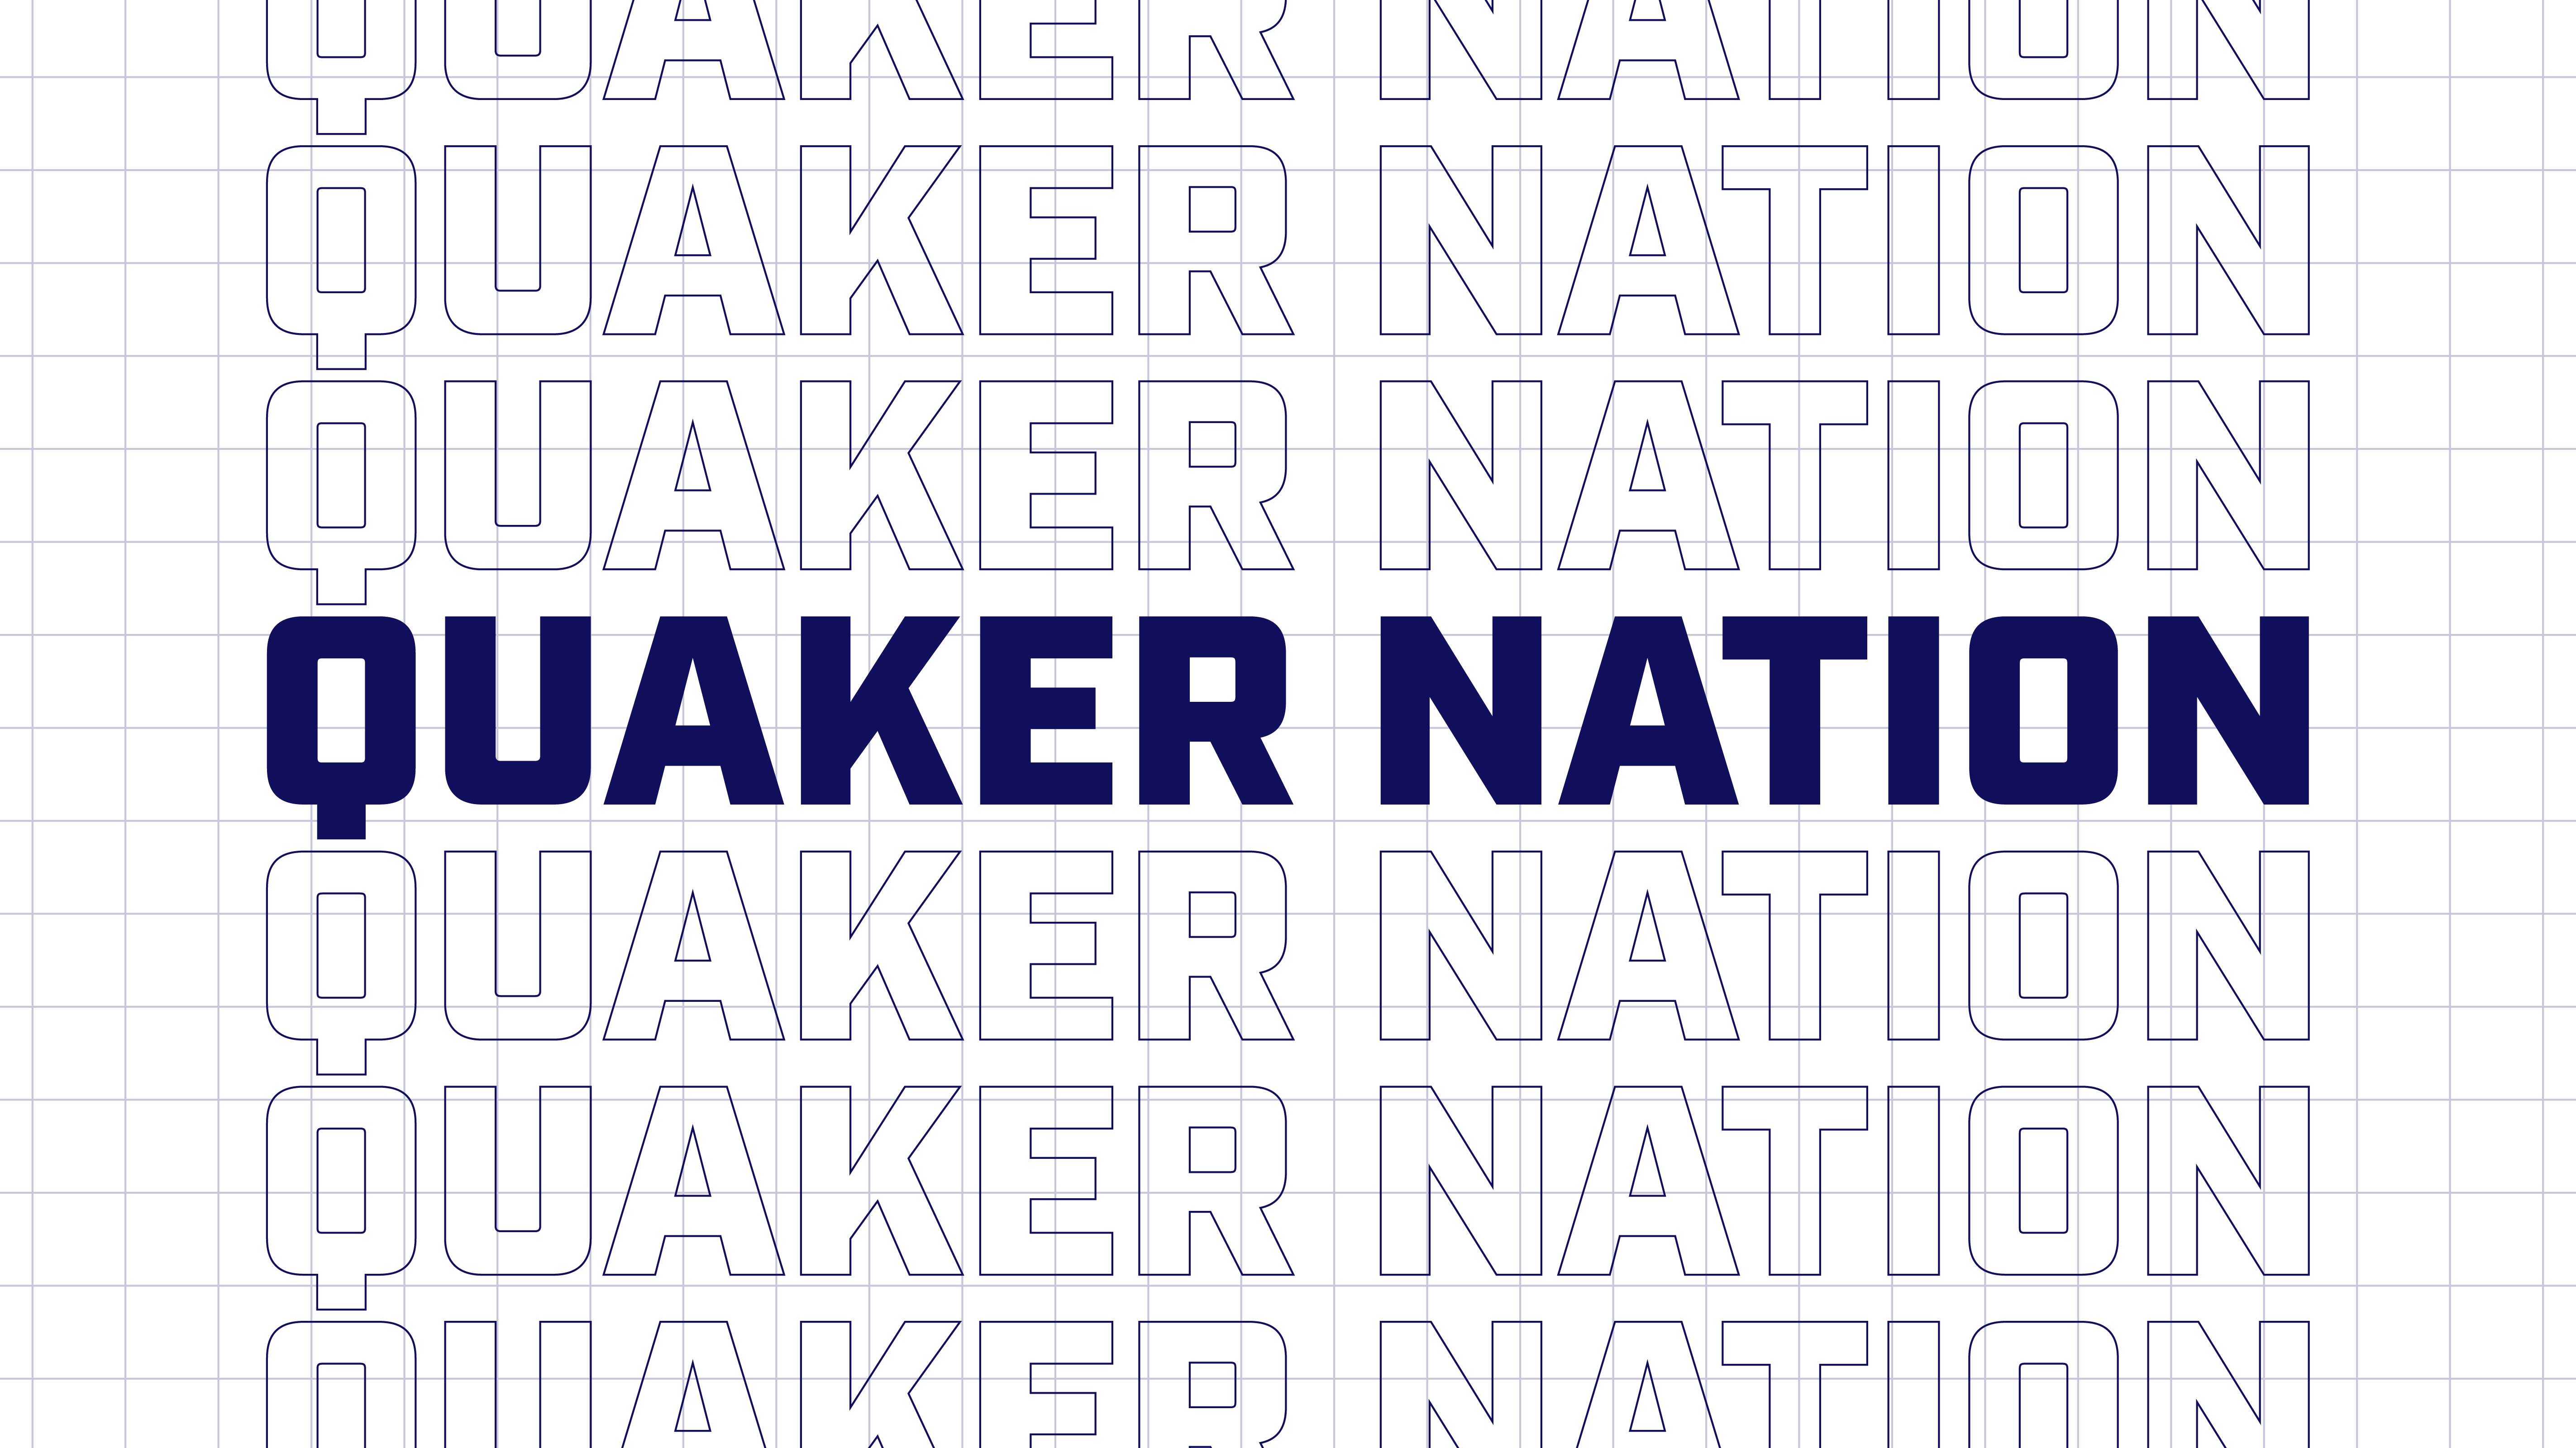 Quaker Nation newsletter